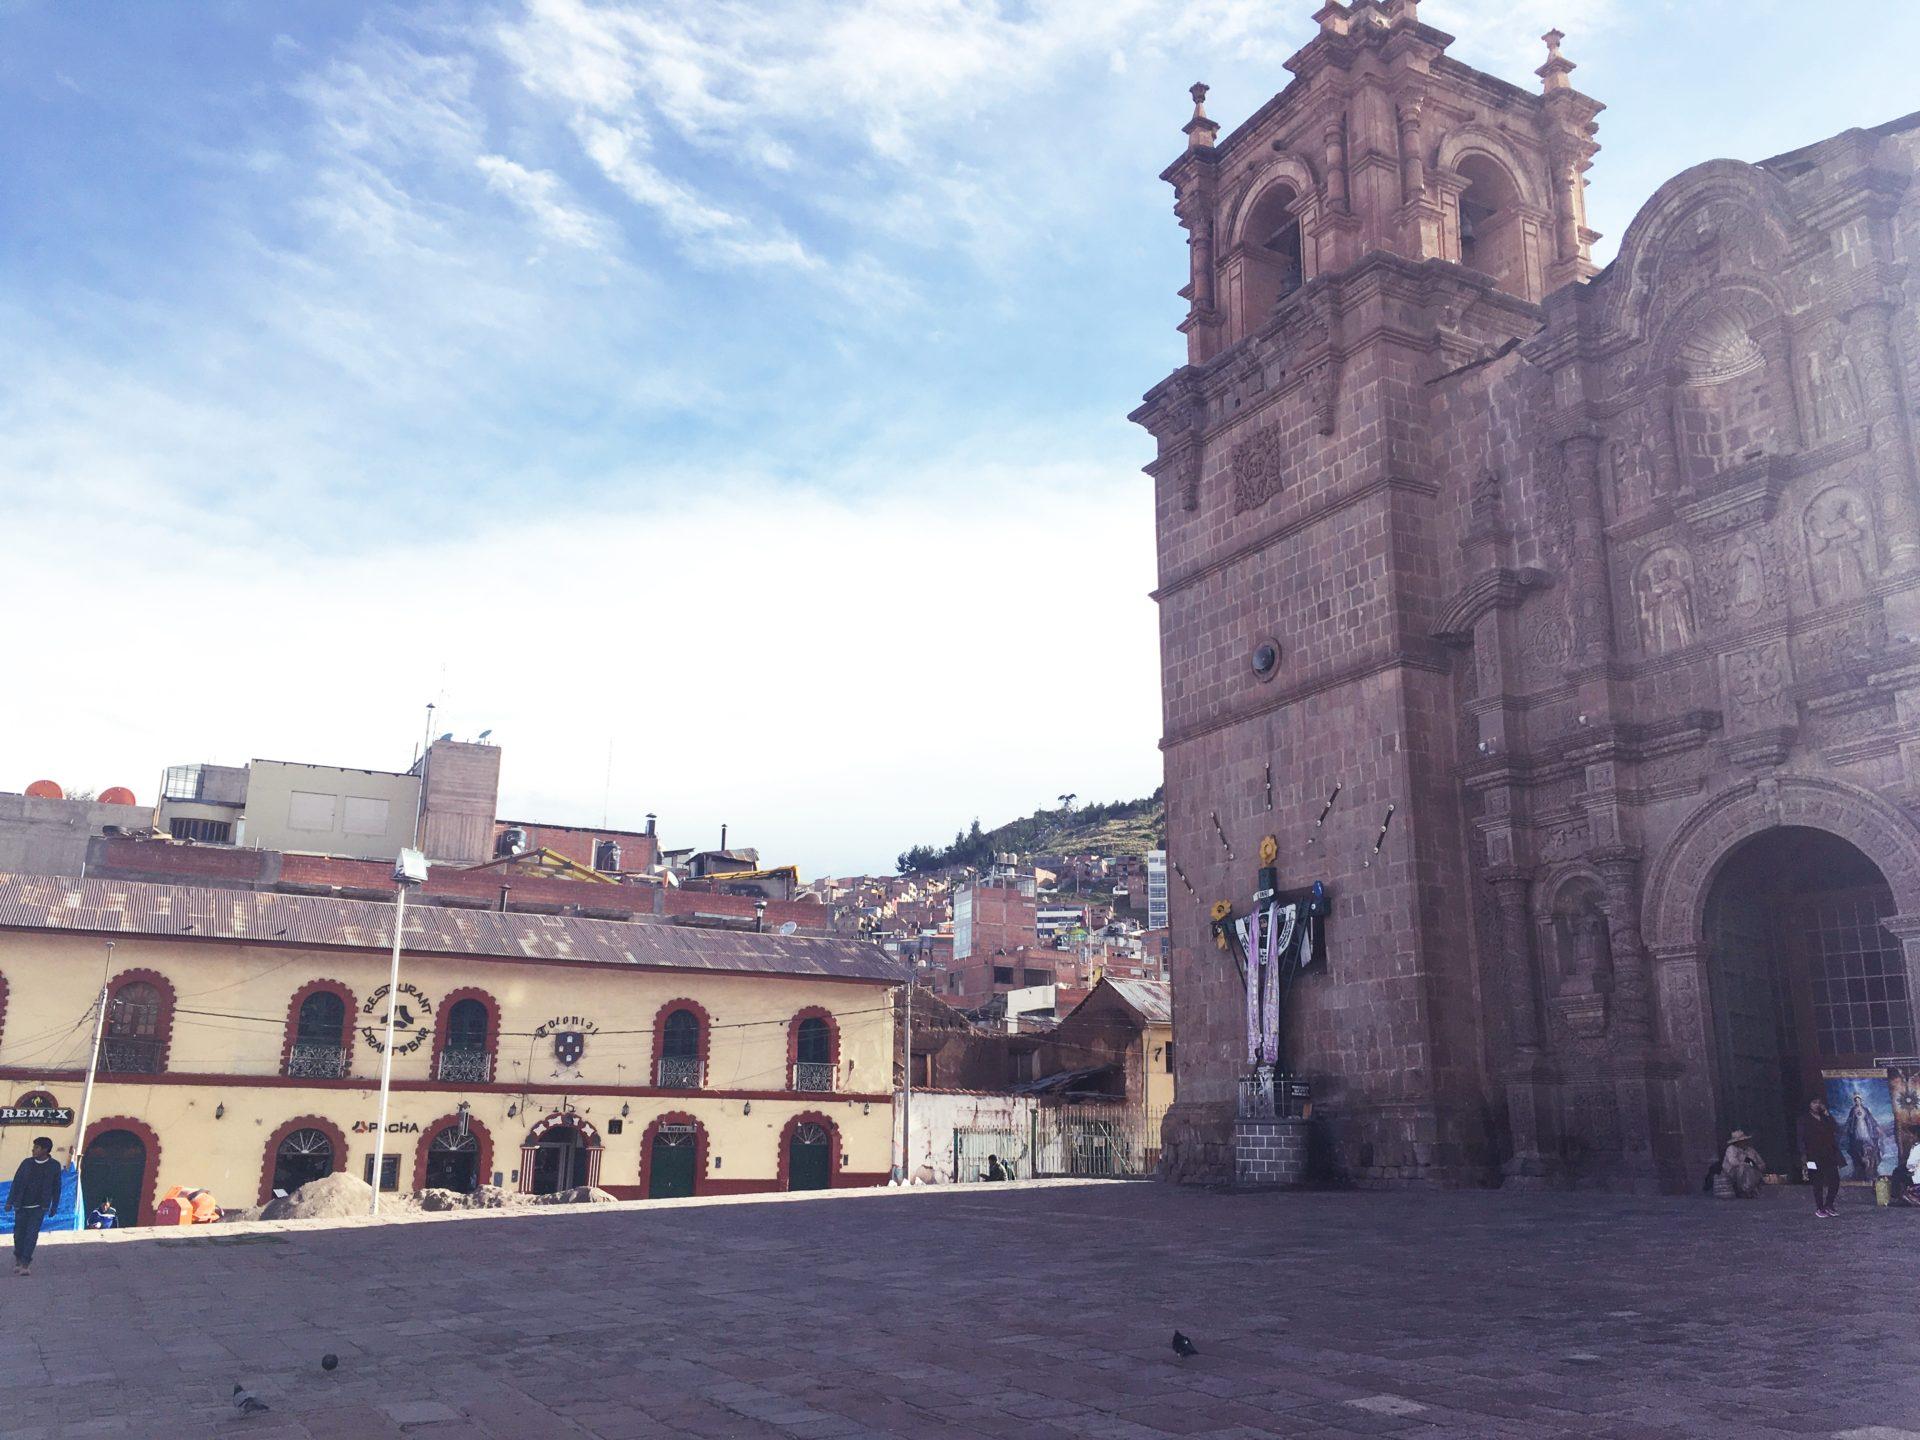 プーノ, チチカカ, 観光, Titicaca, Puno, アルマス, 広場, Plaza, Armas